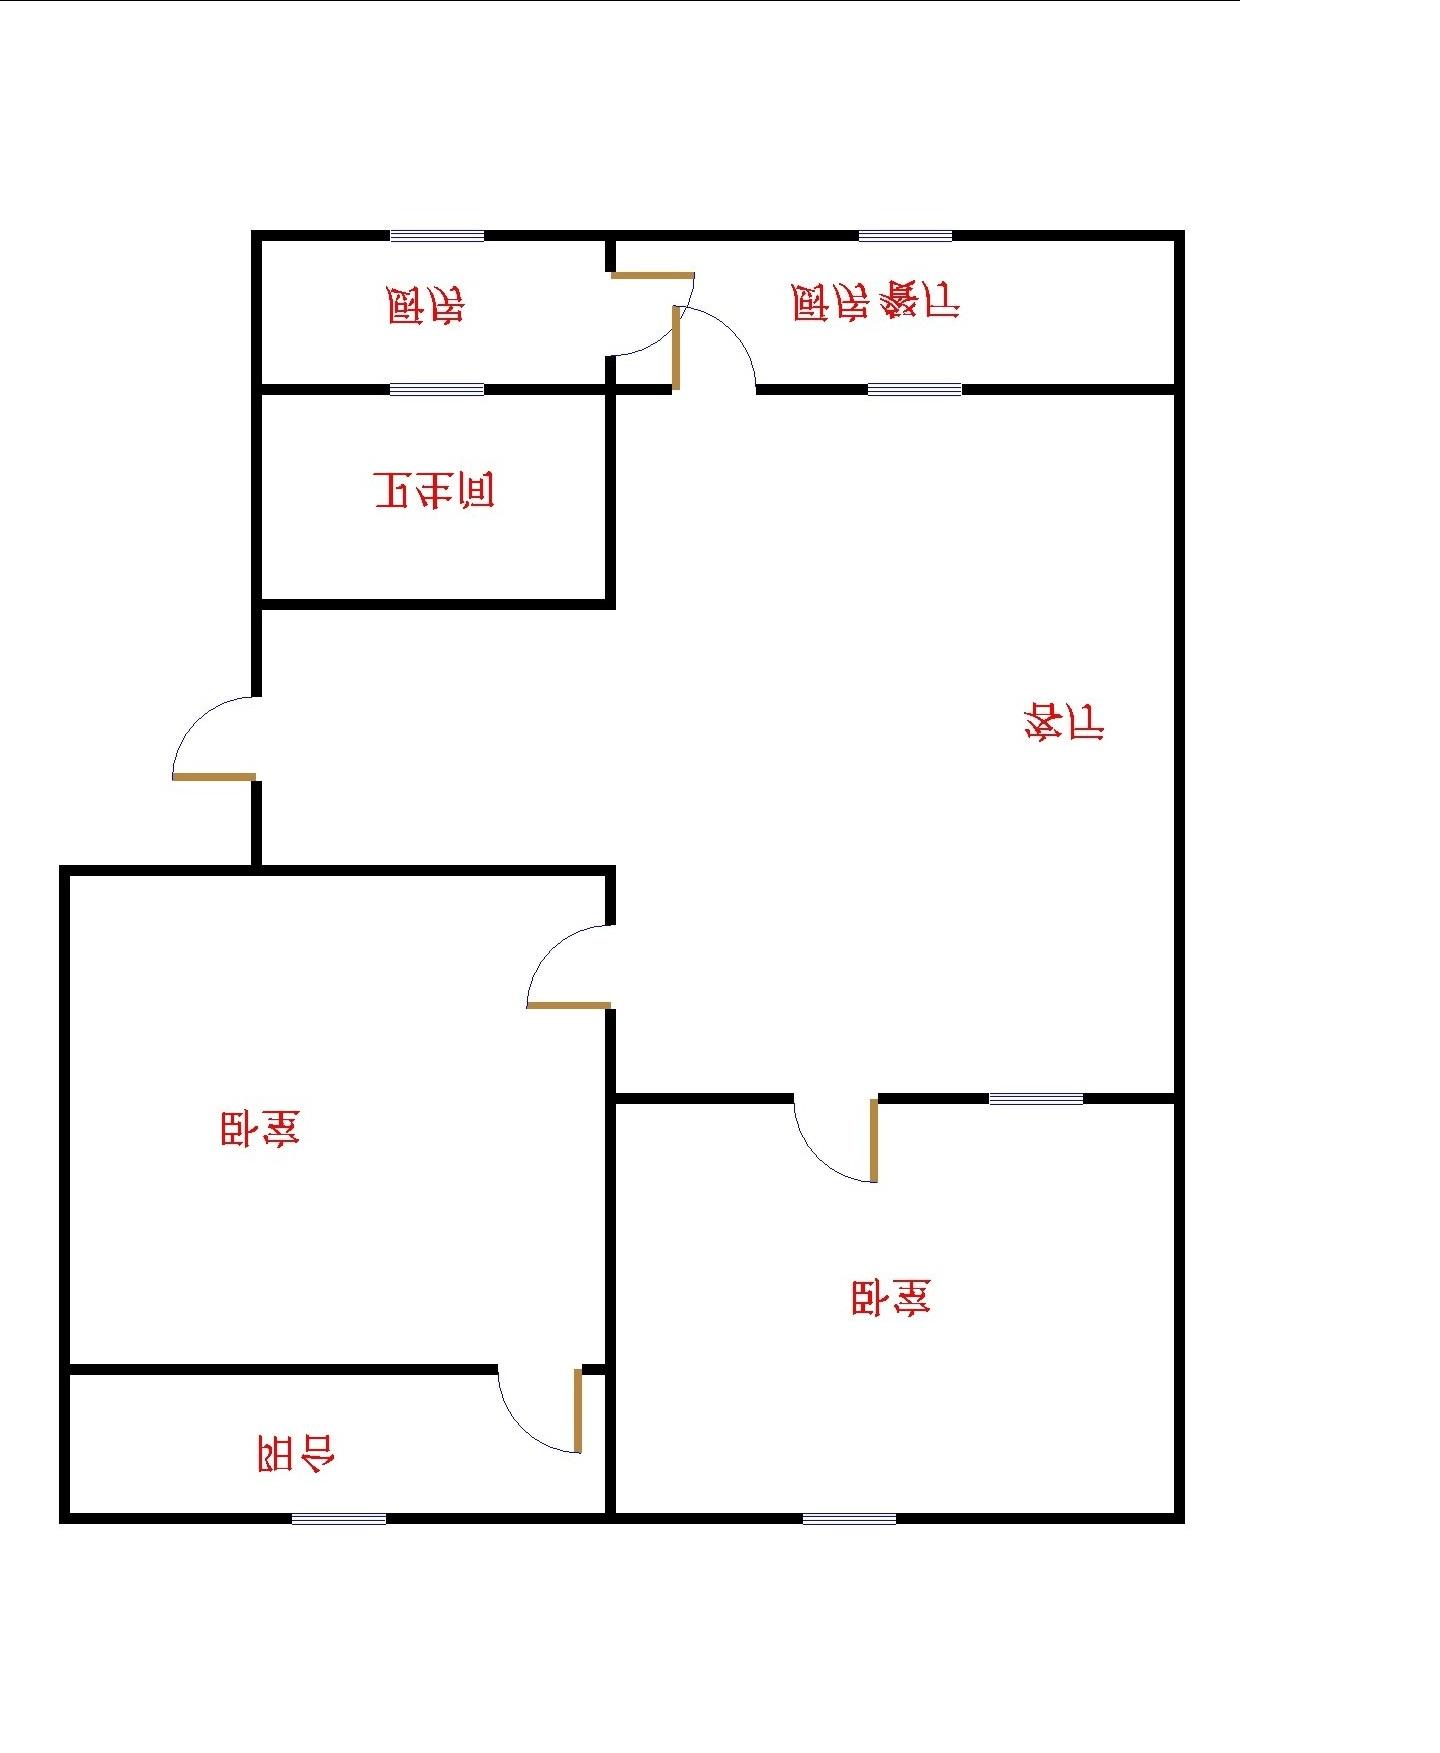 水利局宿舍 2室2厅 2楼